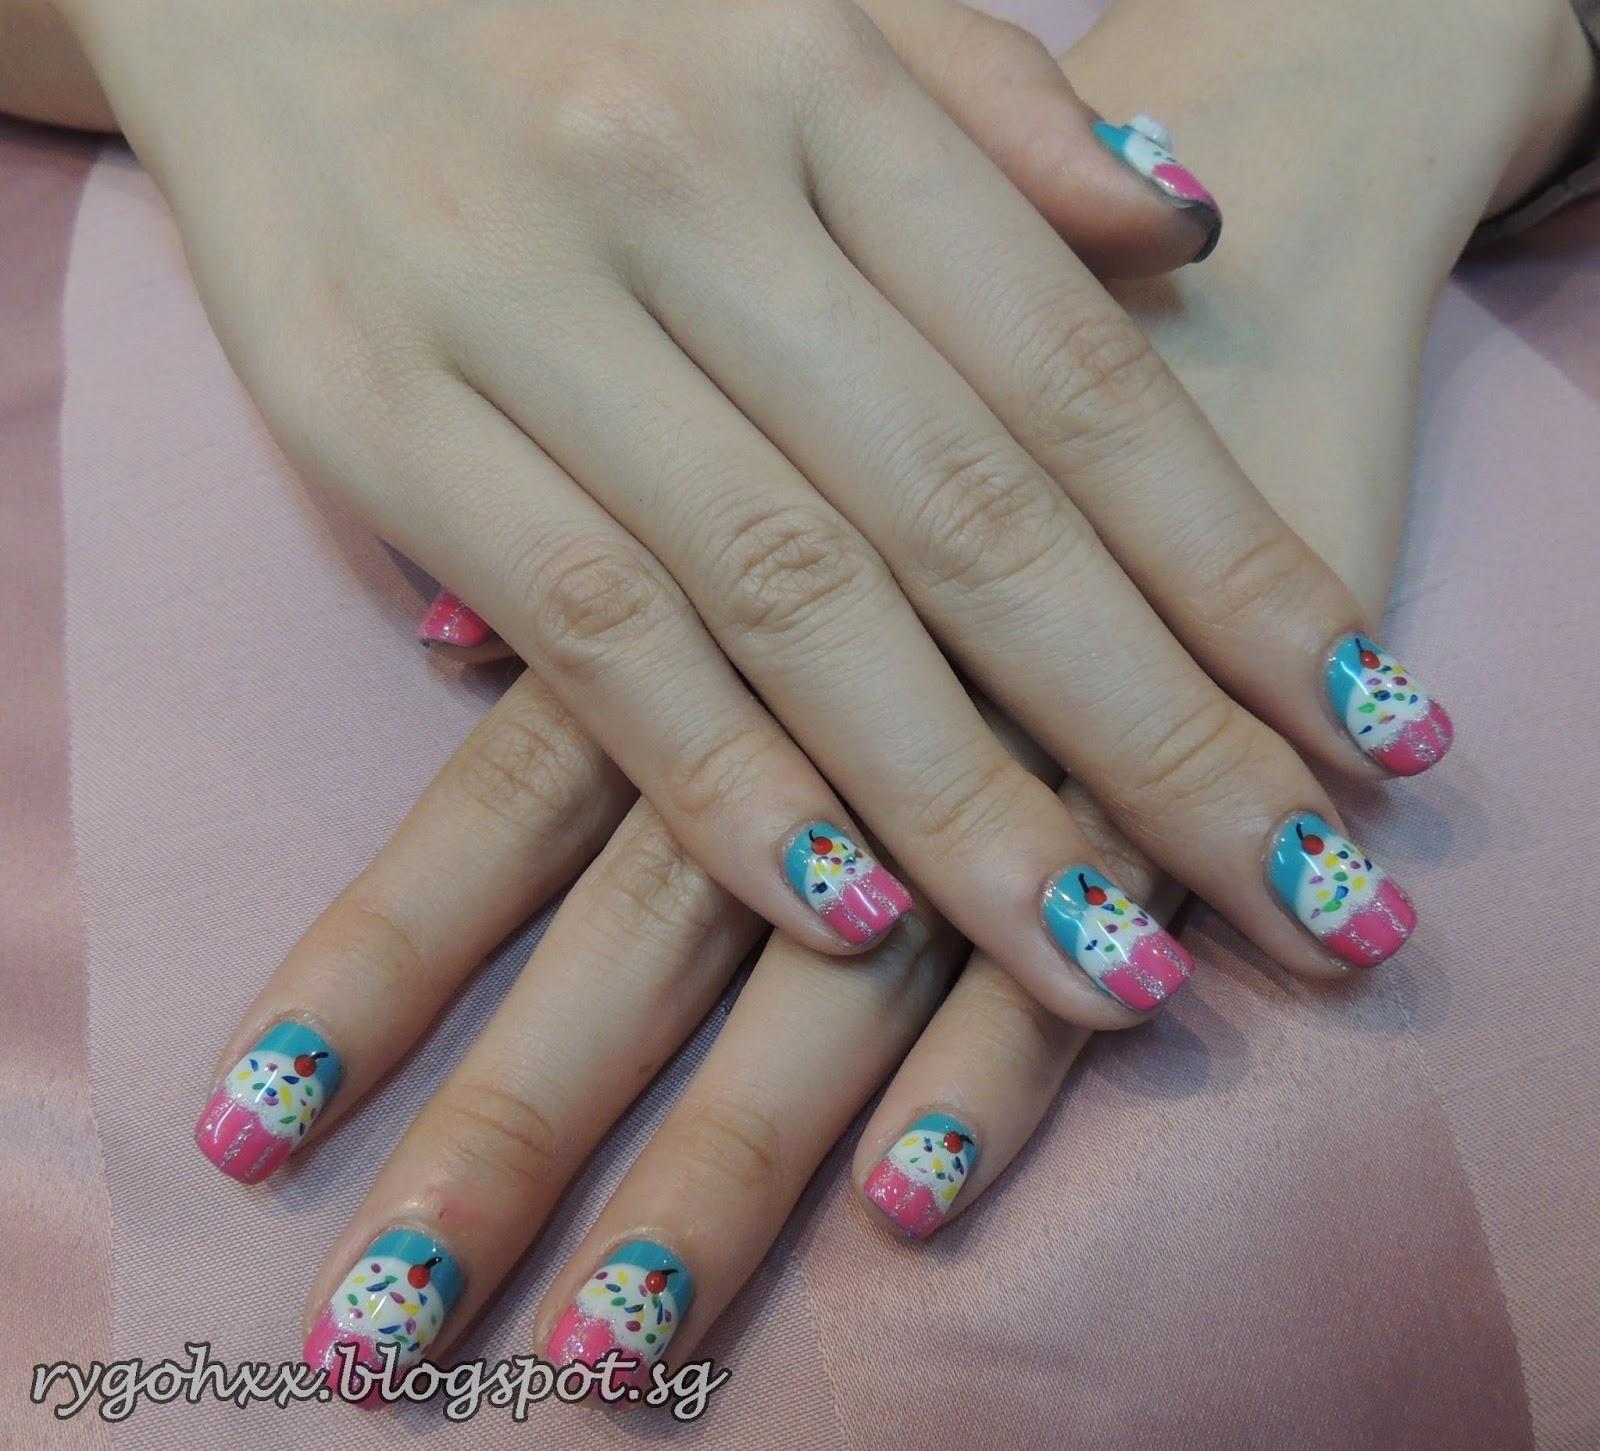 Cupcake Nails: Cupcake Nails At My Nail Place